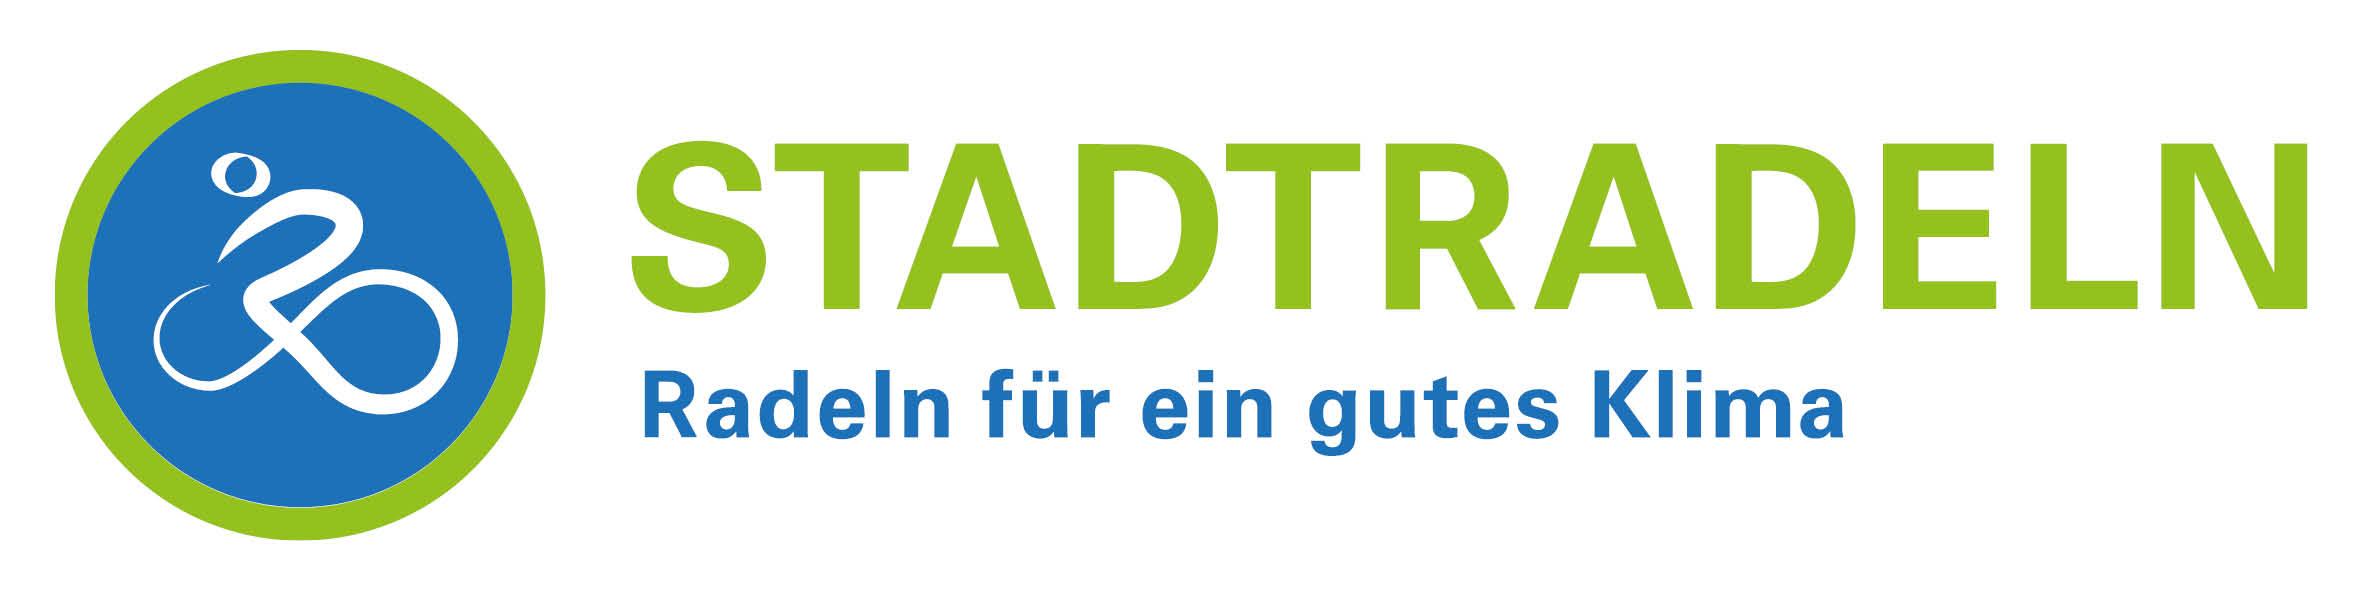 Grün-blaues Logo der Kampagne STADTRADELN